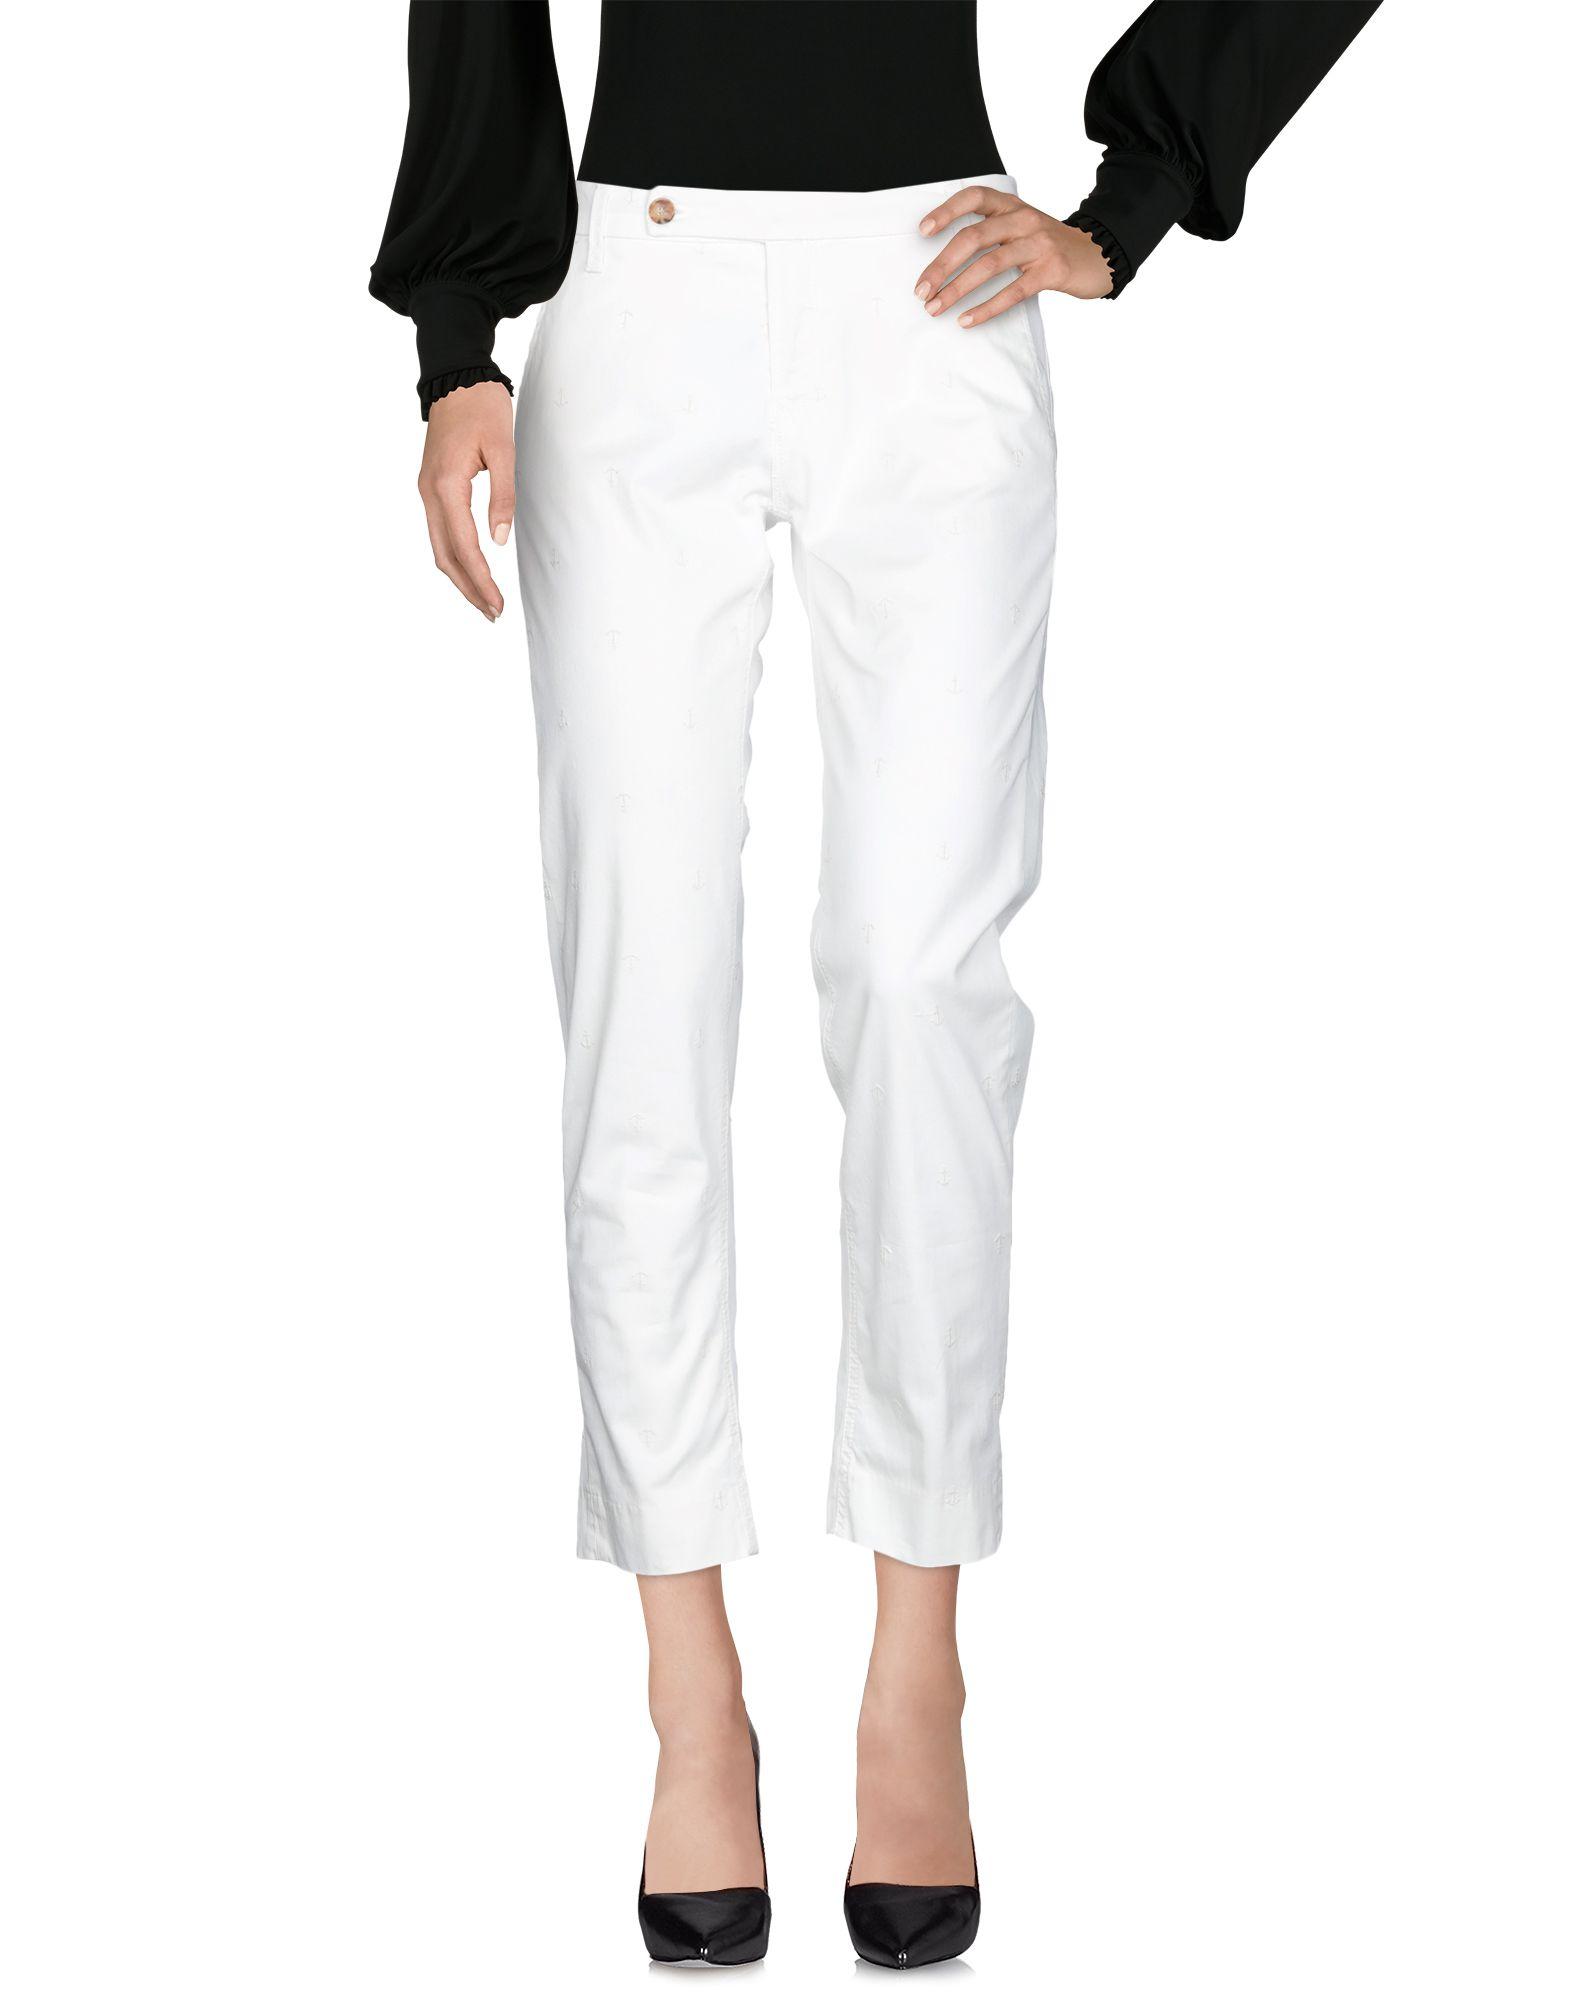 Pantalone True Nyc. donna - 13218938WW 13218938WW 13218938WW 8be